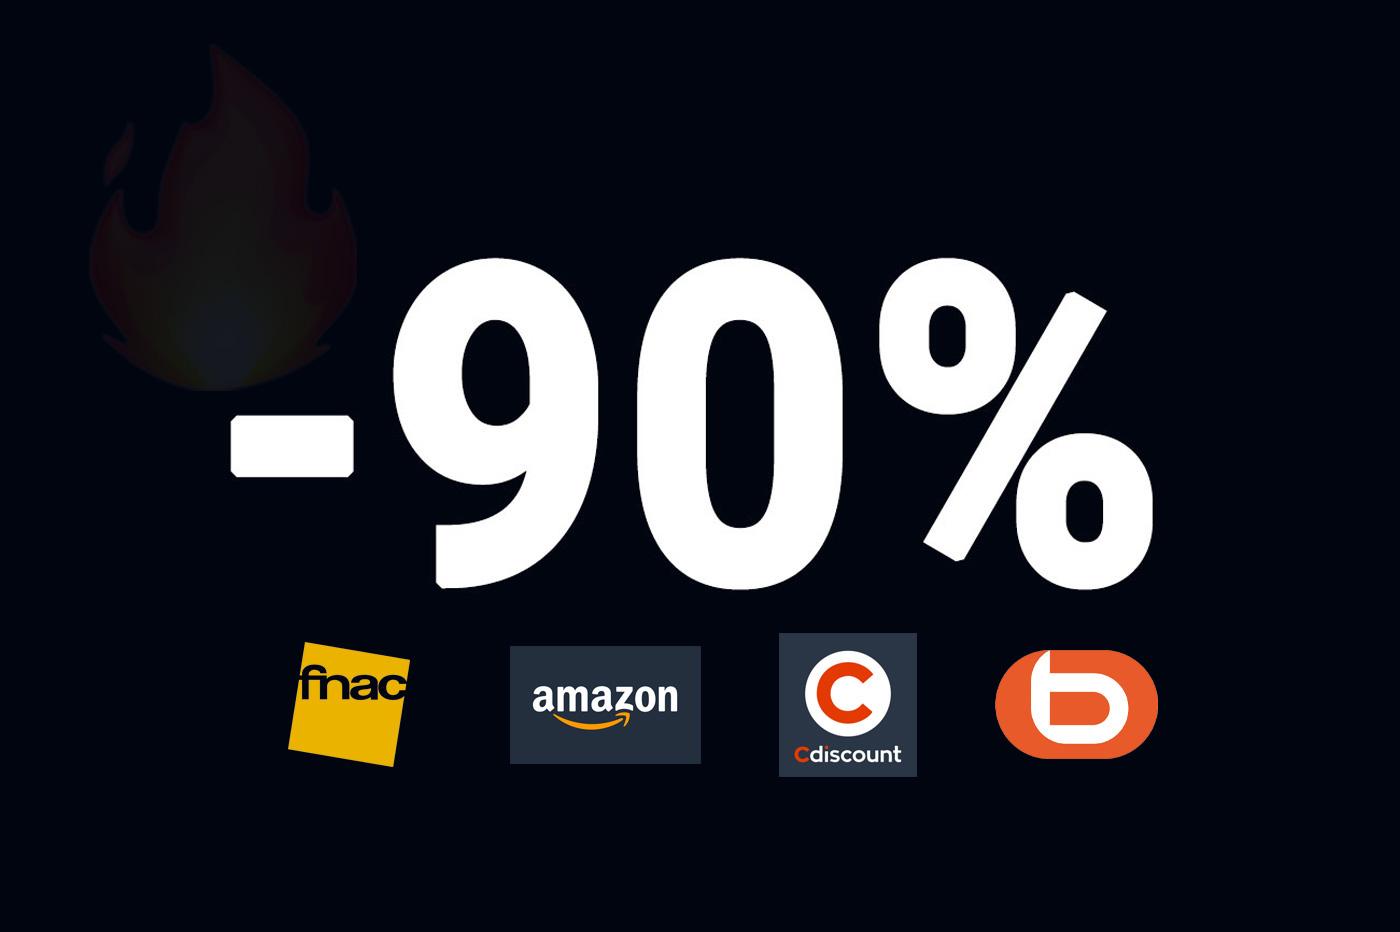 Soldes Amazon: TOP 10 des offres éclair pour ce mercredi 🔥